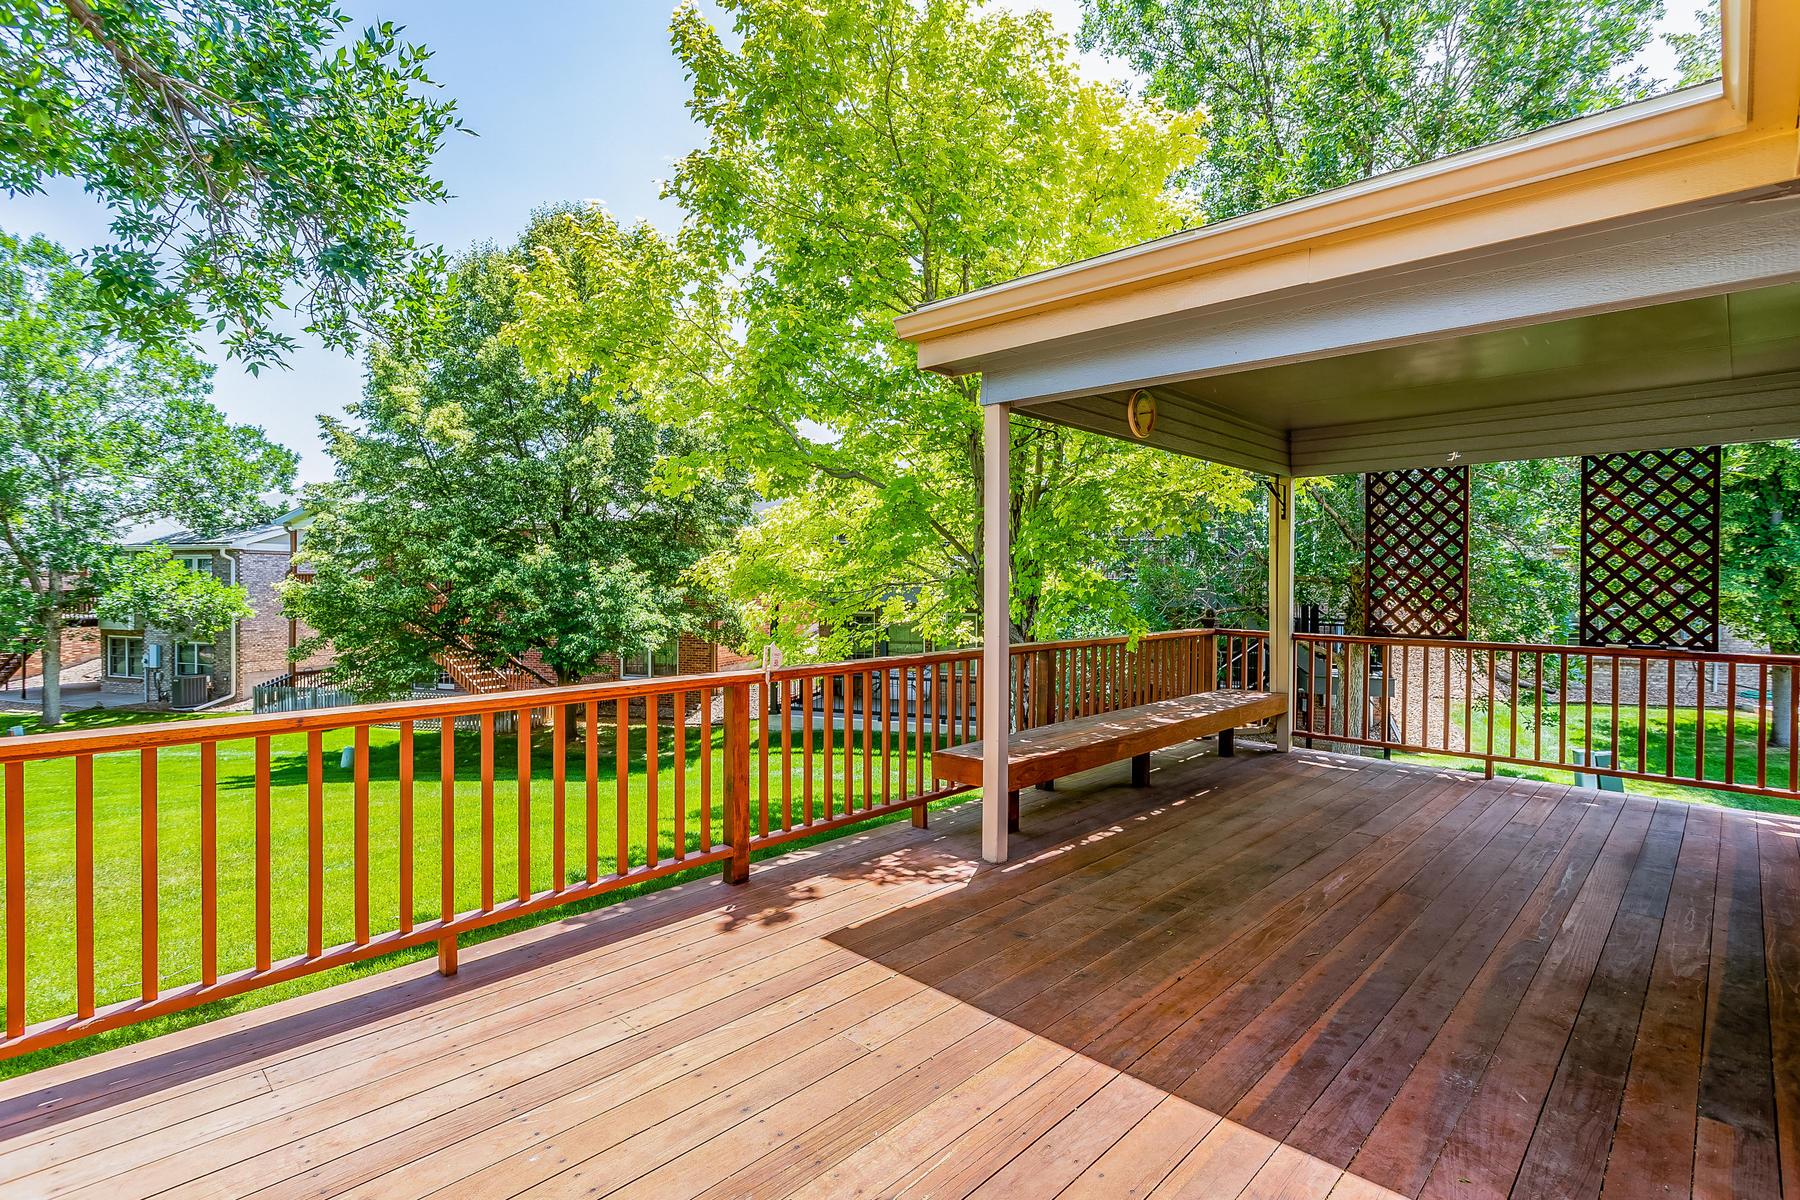 Huge Back Deck Overlooks Greenbelt Behind Home